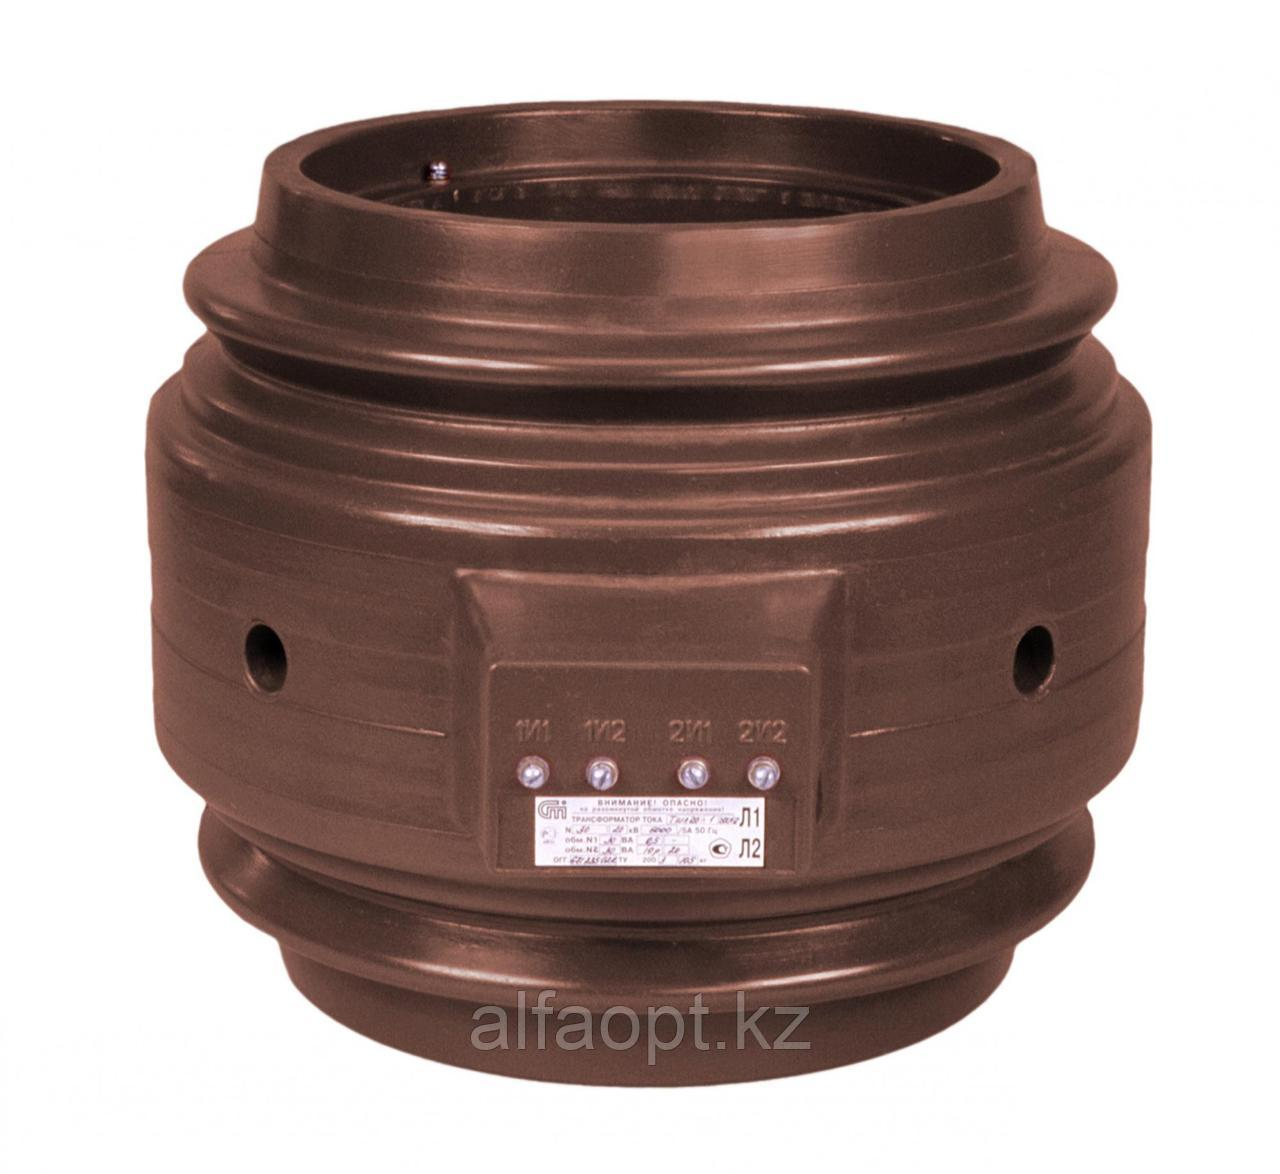 Опорно-проходной трансформатор тока ТШЛ-20-I